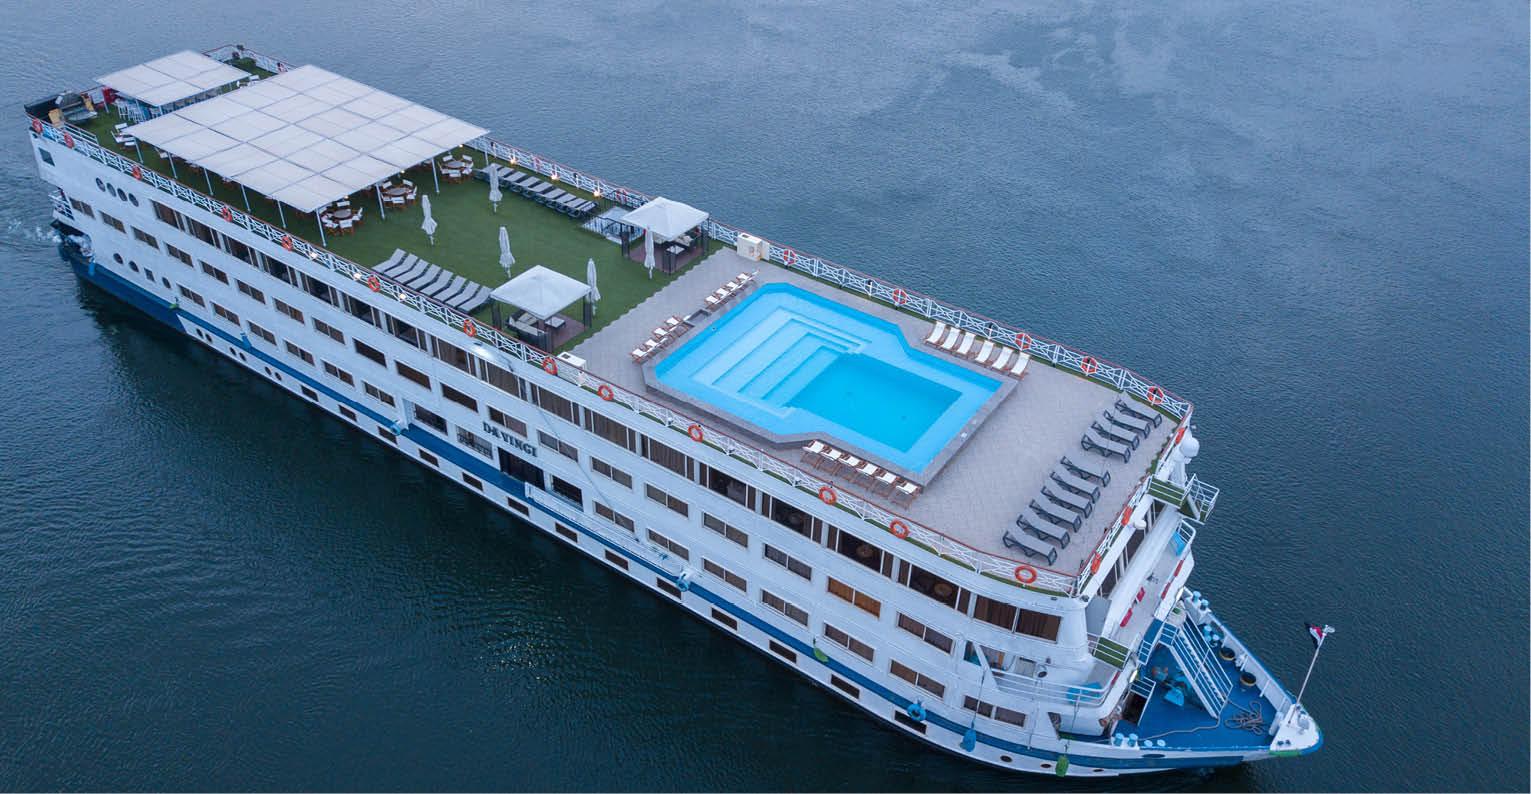 Croisière Au coeur de l'Egypte - Top Clubs Cruise M/S Da Vinci - Egypte